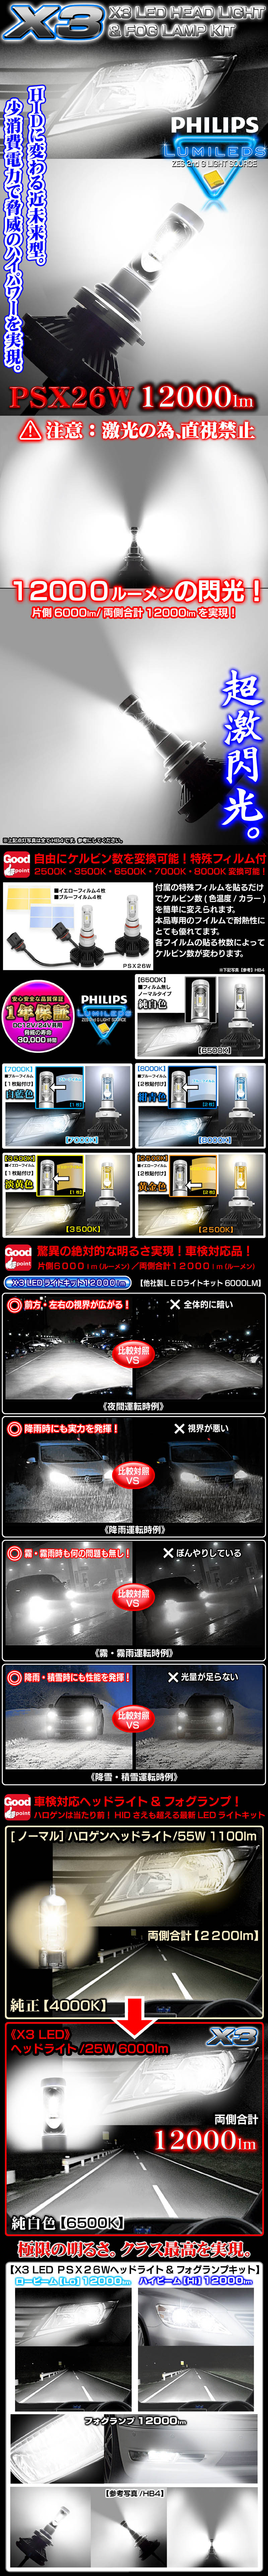 《車検対応 》X3 12000LMフィリップス製LEDヘッドライト&フォグランプキット【HB4】50W/6500K 2個セット